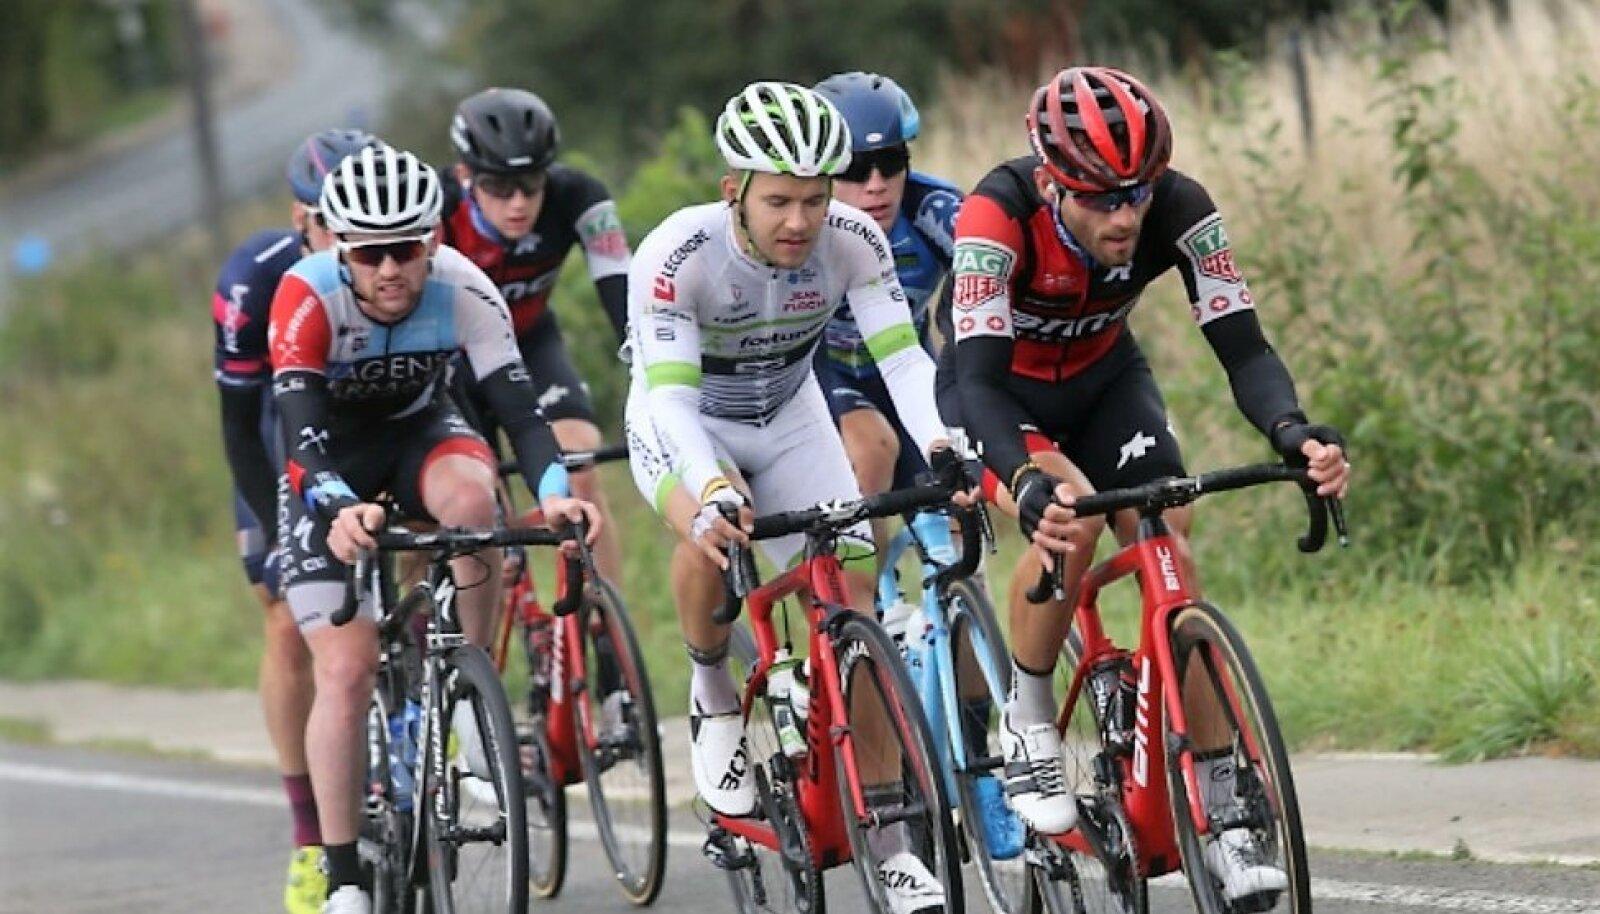 Karl Patrick Lauk (valges) Fortuneo-Samsici profitiimi stažöörina Tour de l'Eurométropole'i ühepäevasõidul